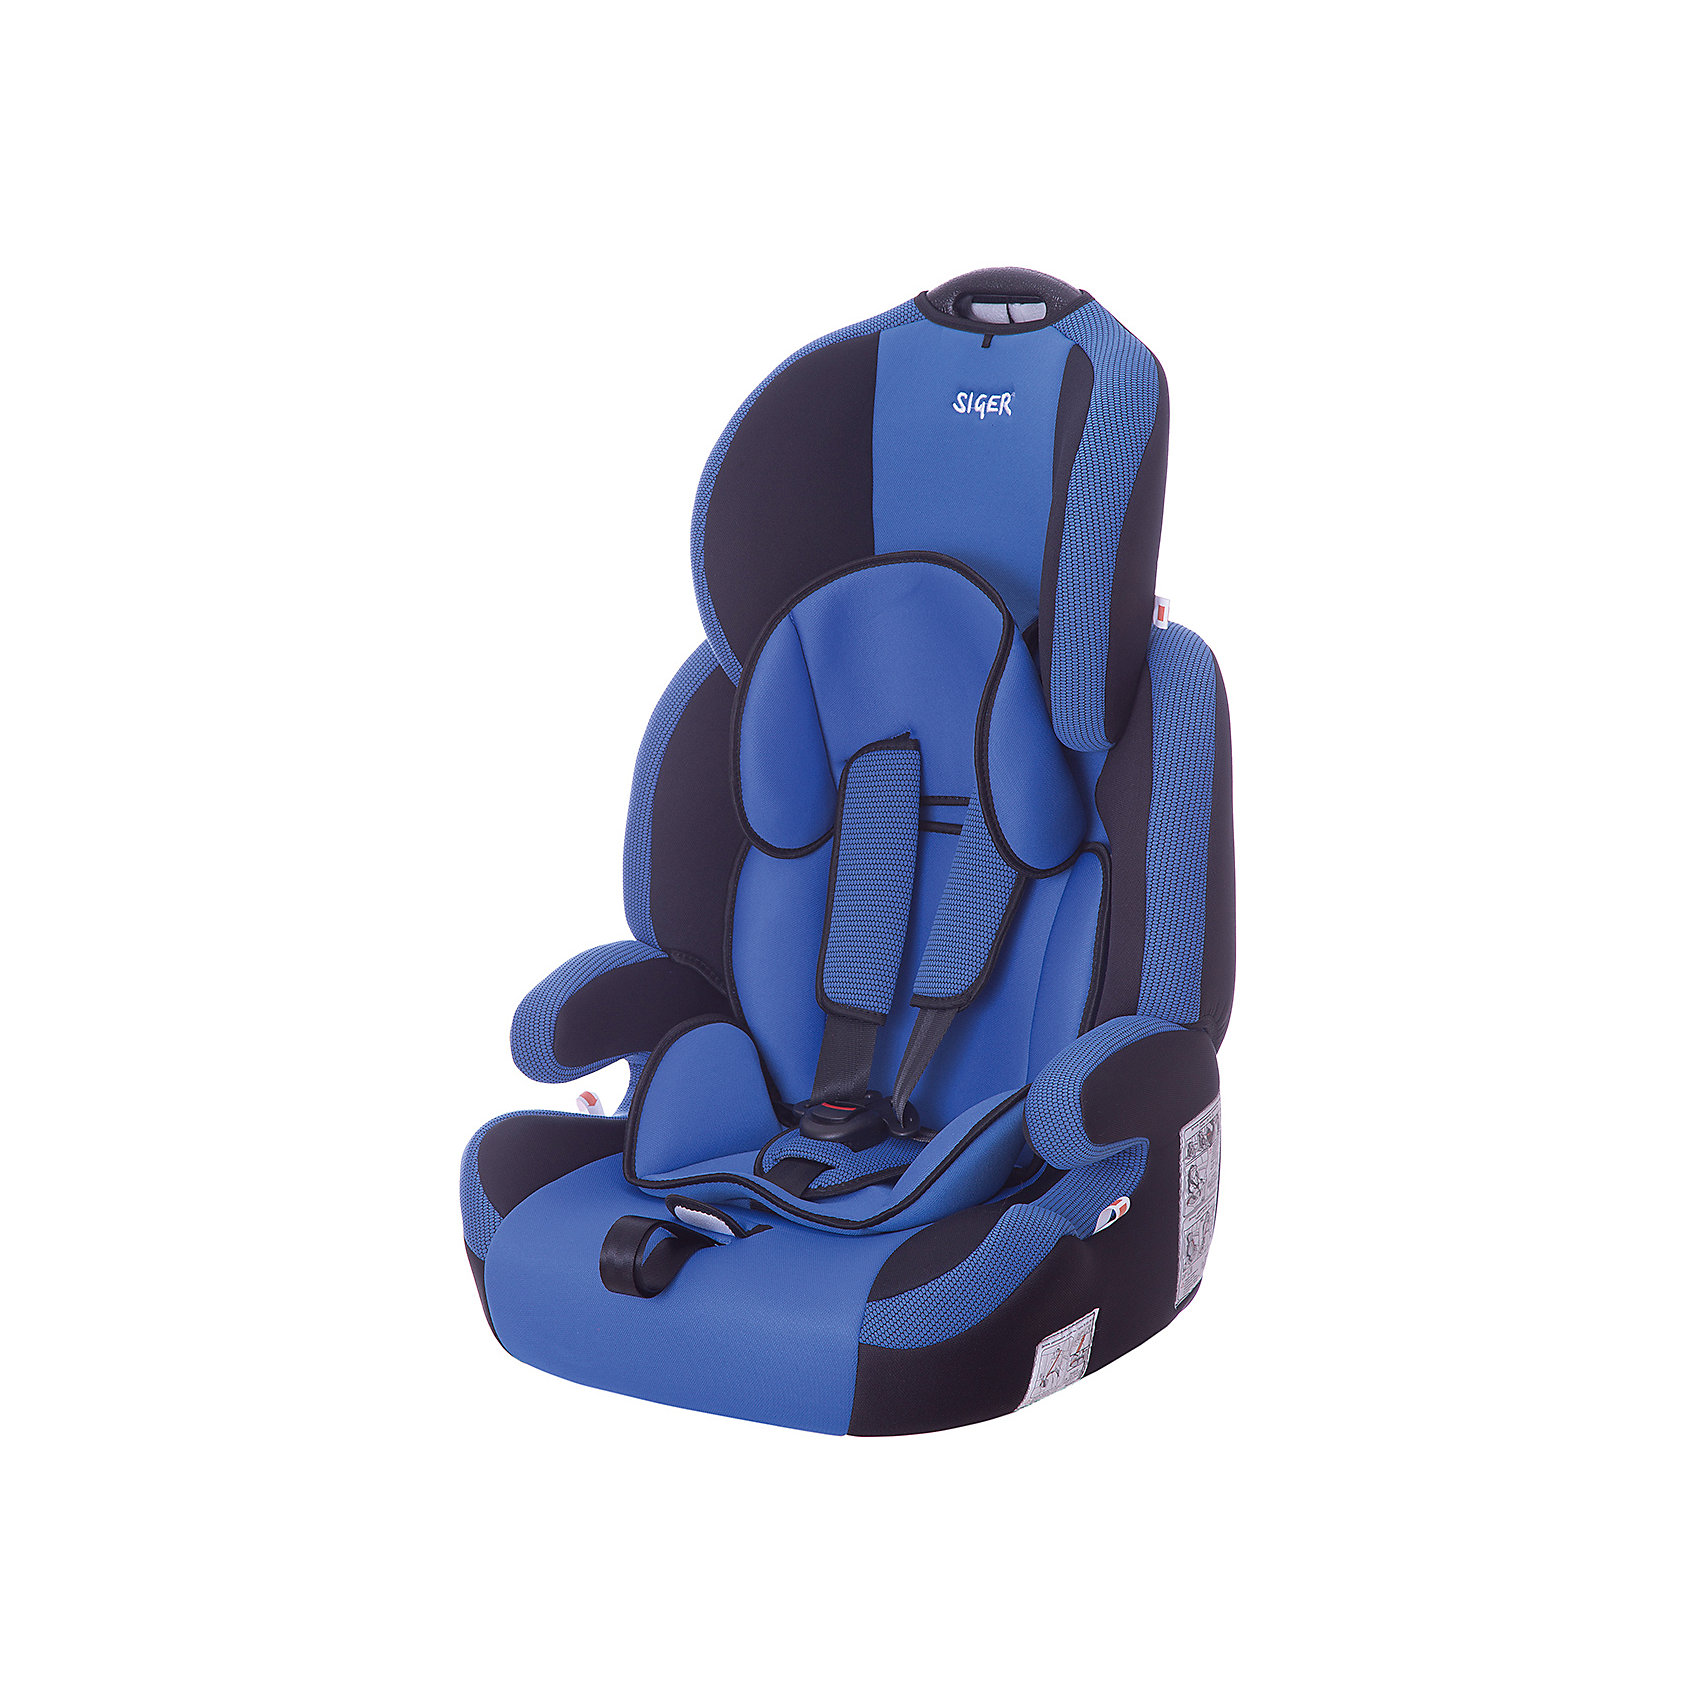 Автокресло Стар Isofix 9-36 кг., SIGER, синийХарактеристики:<br><br>• группа: 1/2/3;<br>• вес ребенка: 9-36 кг;<br>• возраст ребенка: от 1 года до 12 лет;<br>• способ крепления: Isofix;<br>• способ установки: по ходу движения автомобиля;<br>• 5-ти точечные ремни безопасности, регулируются по длине и высоте;<br>• ручка для переноски автокресла;<br>• анатомическая форма кресла;<br>• регулируемый по высоте подголовник;<br>• усиленная защита от боковых ударов;<br>• чехол снимается и стирается при температуре 30 градусов;<br>• материал: пластик, полиэстер;<br>• размер автокресла: 60х50х70 см;<br>• вес автокресла: 6,8 кг.<br><br>Автокресло группы 1-2-3 предназначено для детей в возрасте от года до 12 лет. Автокресло устанавливается на заднем сидении автомобиля лицом по ходу движения автомобиля, крепится с помощью системы Изофикс. Кресло универсальное: и годовалому крохе будет уютно в кресле, и подросток будет чувствовать себя комфортно – благодаря анатомической форме кресельной чаши, мягким подлокотникам, широким боковинам, регулируемому подголовнику, вкладышу для малышей. <br><br>Автокресло Стар Isofix 9-36 кг., SIGER, цвет синий можно купить в нашем интернет-магазине.<br><br>Ширина мм: 500<br>Глубина мм: 470<br>Высота мм: 730<br>Вес г: 6500<br>Возраст от месяцев: 12<br>Возраст до месяцев: 144<br>Пол: Мужской<br>Возраст: Детский<br>SKU: 5409374